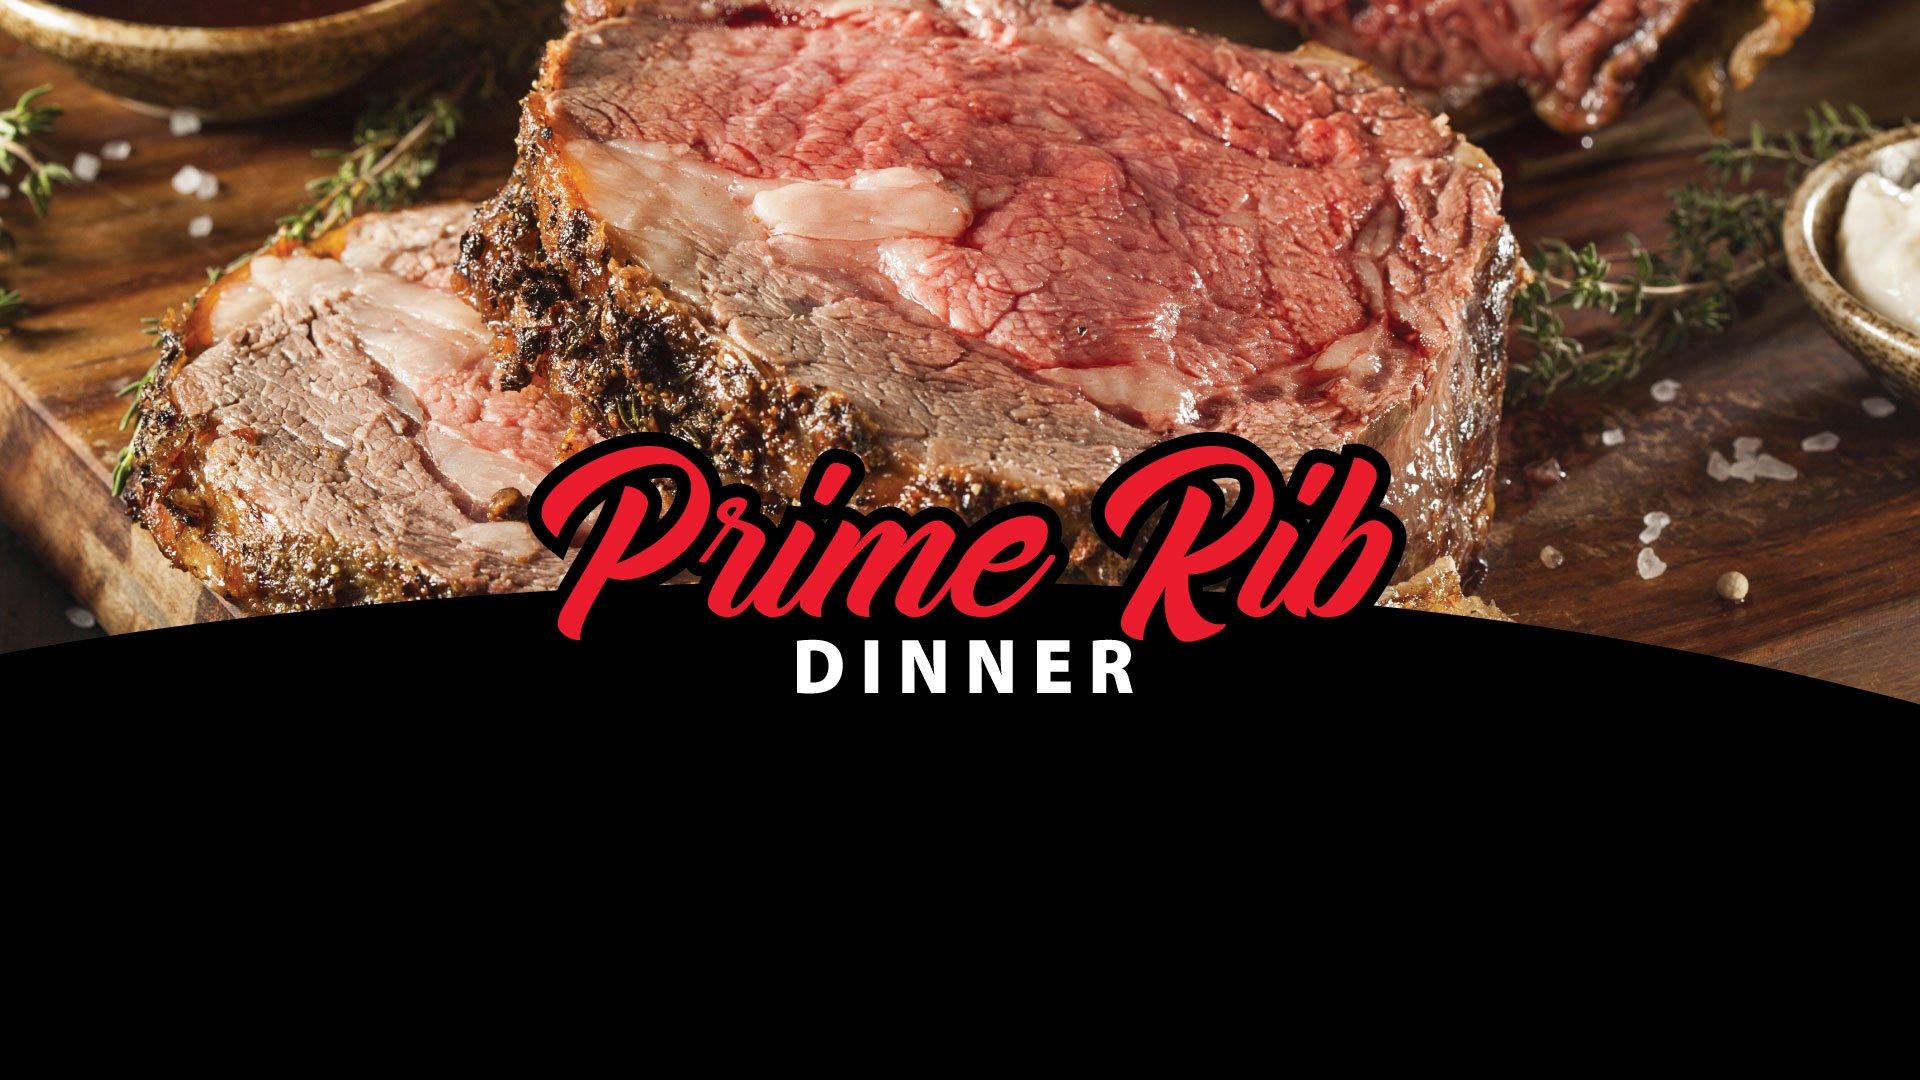 Prime Rib Dinner August 8, 2020